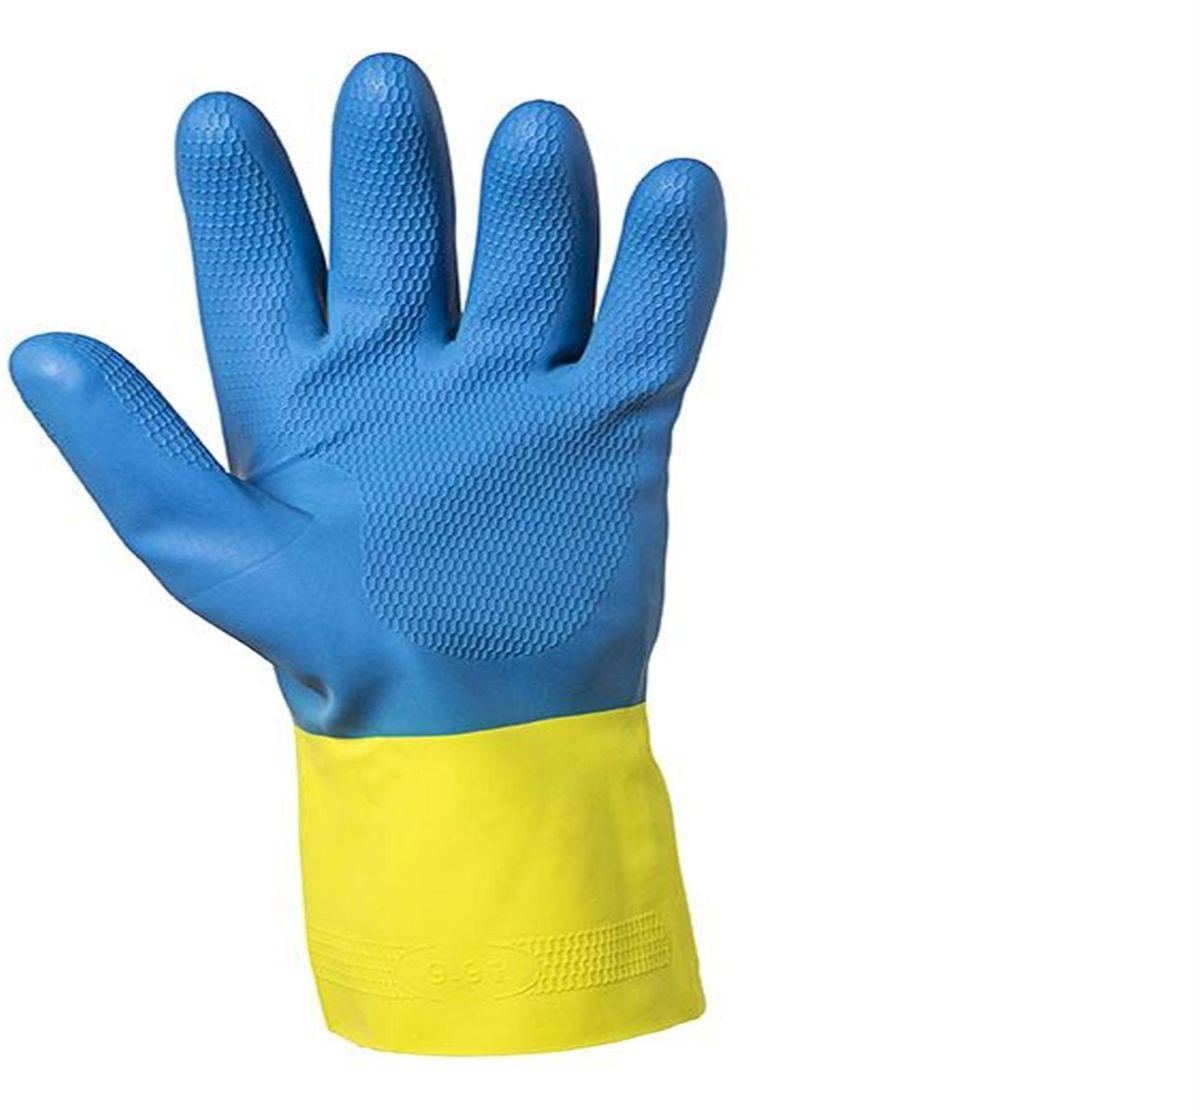 Перчатки хозяйственные Jackson Safety G80, размер 10 (XL), цвет: желтый, голубой, 60 пар38744Защитные перчатки JACKSON SAFETY® G80 латекс/неопрен для защиты от химических веществ подходят для целого спектра областей применения: обеспечивают надежную защиту от воздействия химических веществ. Относятся к СИЗ категории III (CE Complex), а также обеспечивают защиту от механического воздействия в тех областях, где работают с химическими веществами, маслами, густыми смазками, кислотами, каустическими средствами или растворителями. Разрешен контакт с пищевыми продуктами. Поставляются в виде пары перчаток с индивидуальным дизайном для левой и правой руки; толщина 0,70 мм; имеют неопреновое покрытие поверх латекса для обеспечения максимальной защиты, а также для улучшения гибкости материала. Удлиненные манжеты, текстурированный материал в области ладони обеспечивает отличный захват при работе сухими/влажными поверхностями; хлопковое напыление на внутренней стороне перчатки обеспечивает легкость при надевании/снятии перчатки, а также комфорт при длительном использовании. Хлорированы для снижения воздействия латексных протеинов на кожу.Размеры:38741 - S (7)38742 - M (8)38743 - L (9)38744 - XL (10)